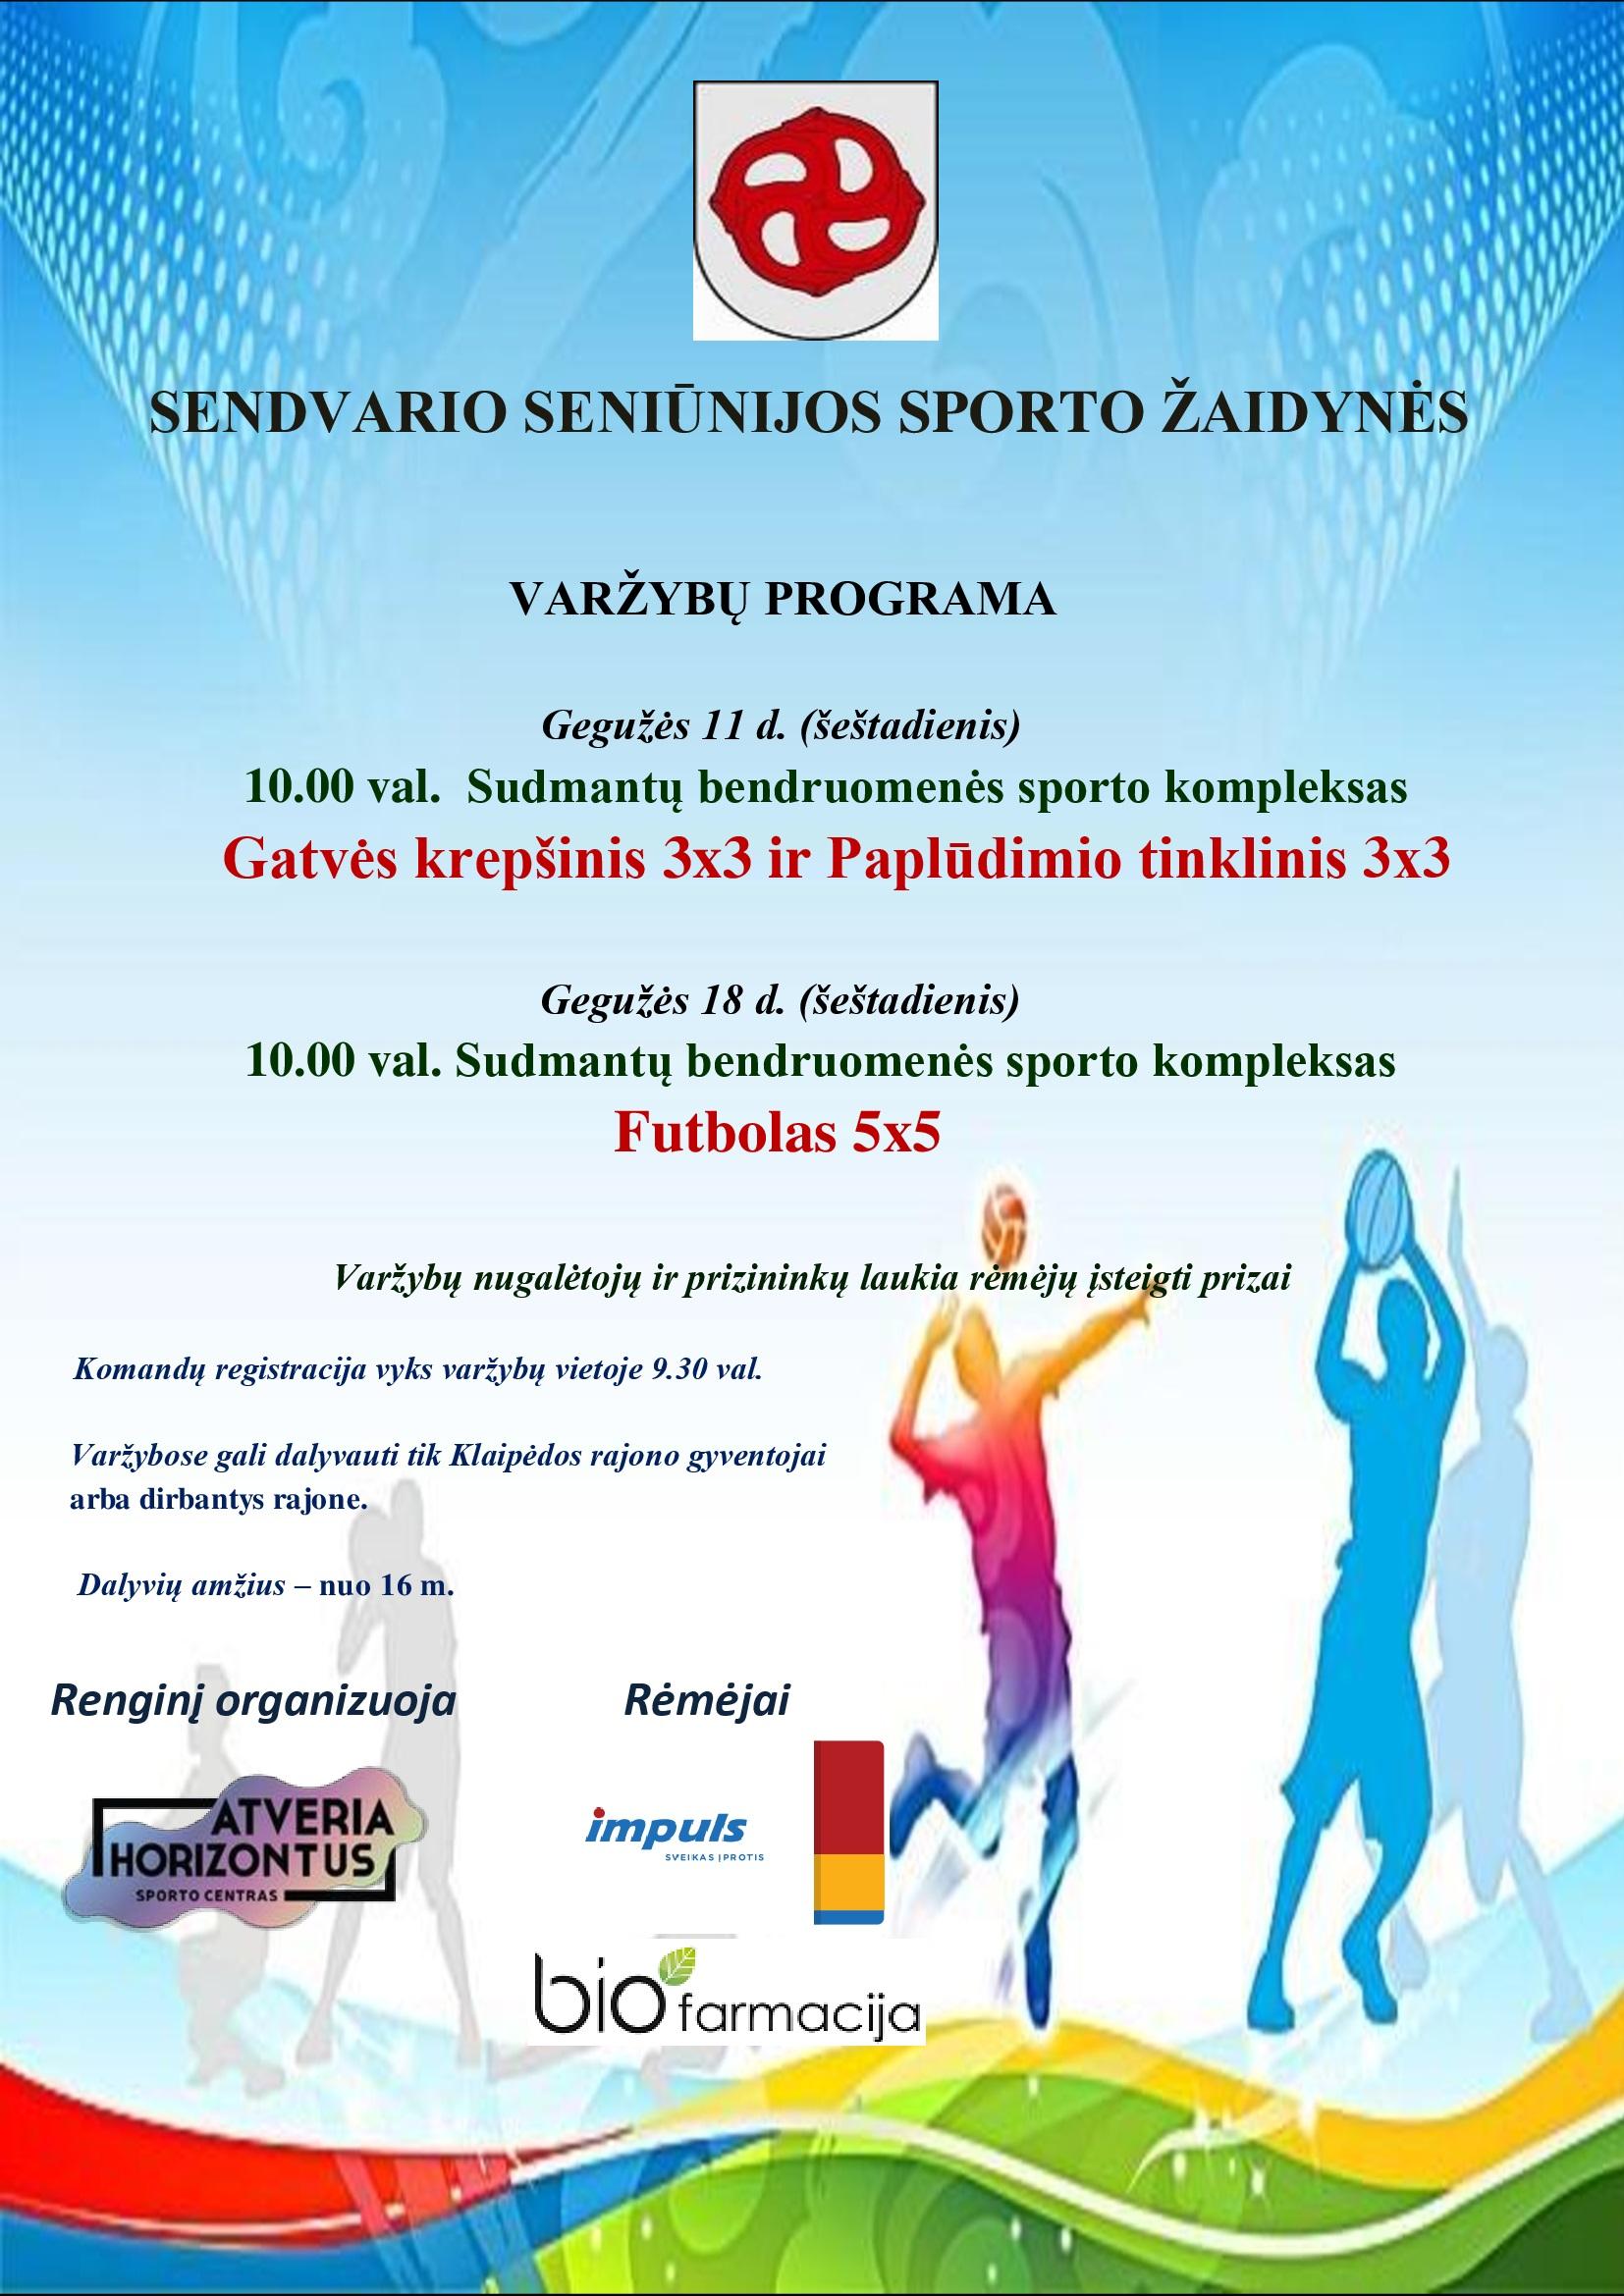 Sendvario seniūnijos sporto žaidynės